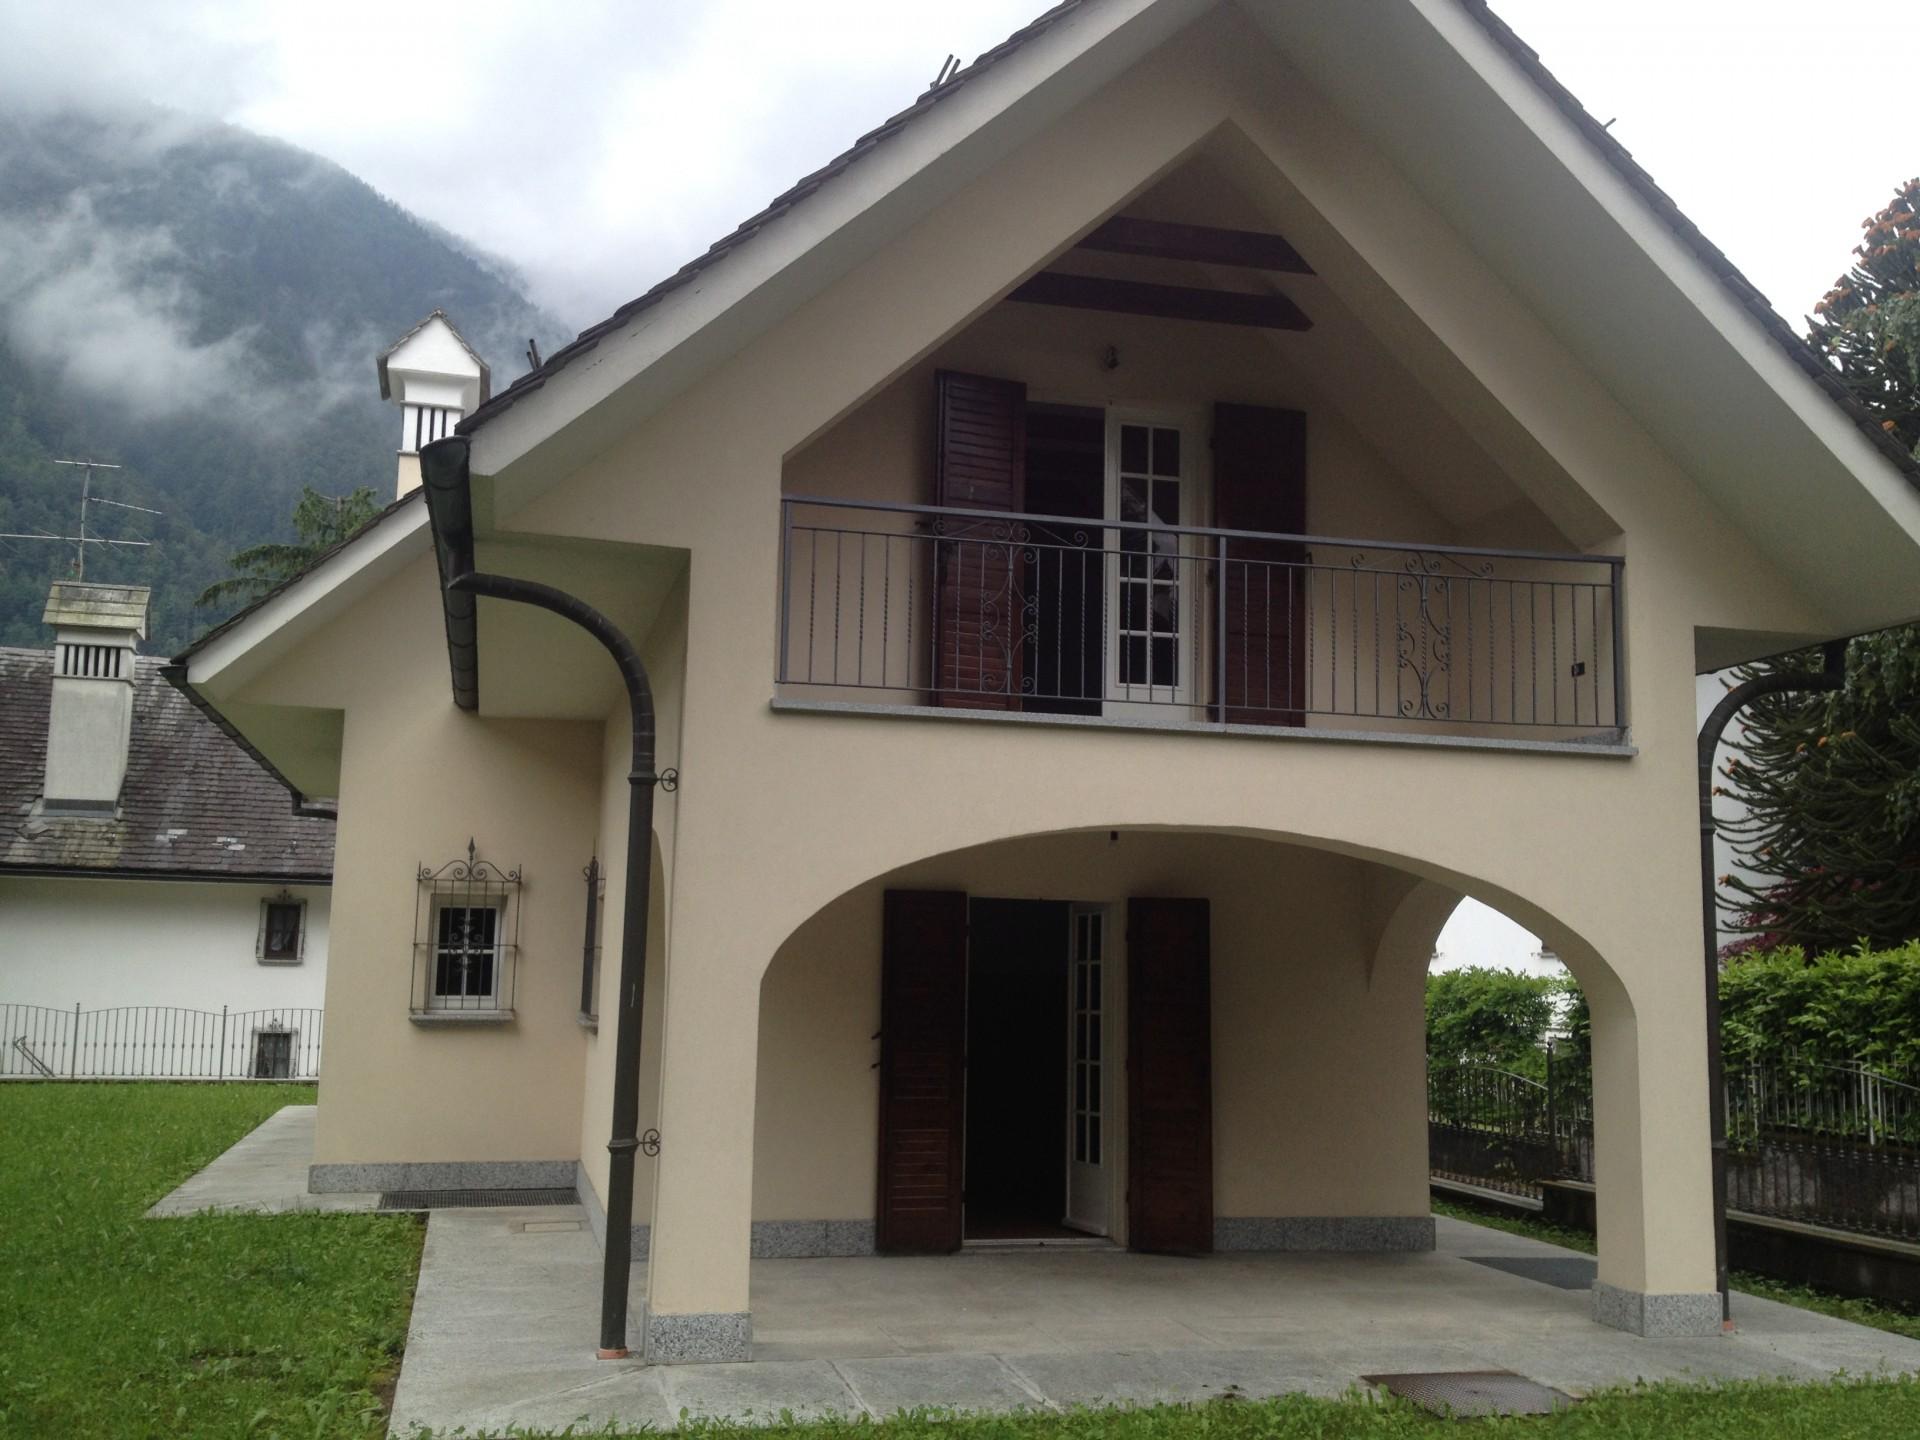 Casa indipendente con giardino in vendita a santa maria maggiore v0006 - Case in affitto vigevano con giardino ...